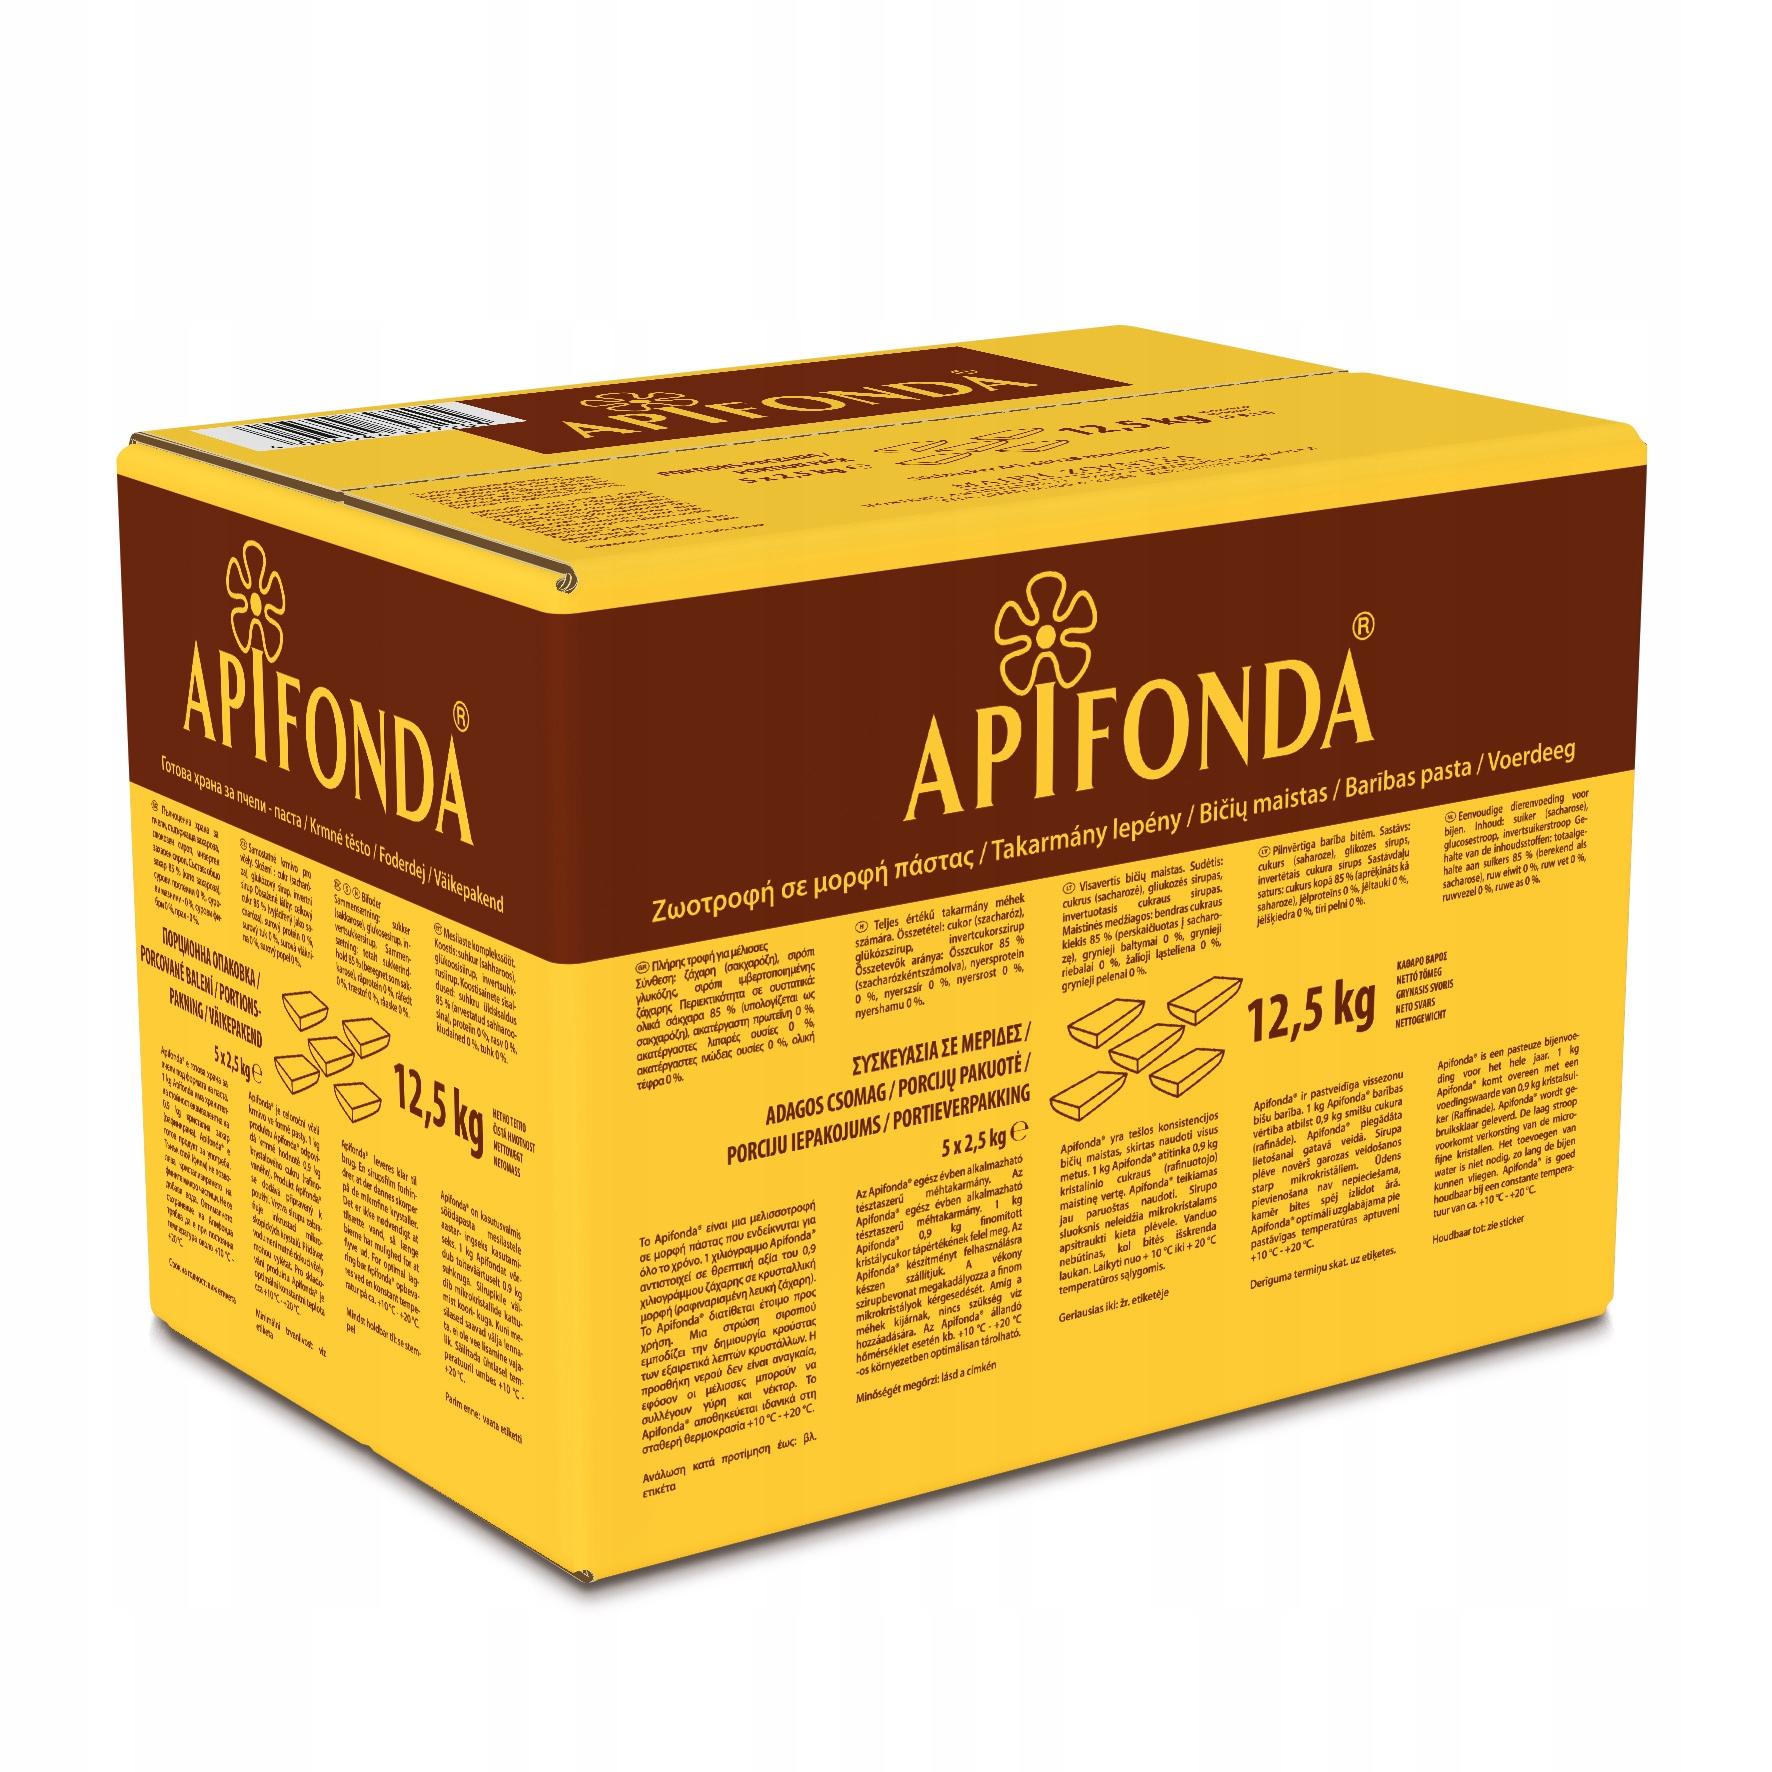 Тесто Апифонда для кормления пчел 2,5 кг